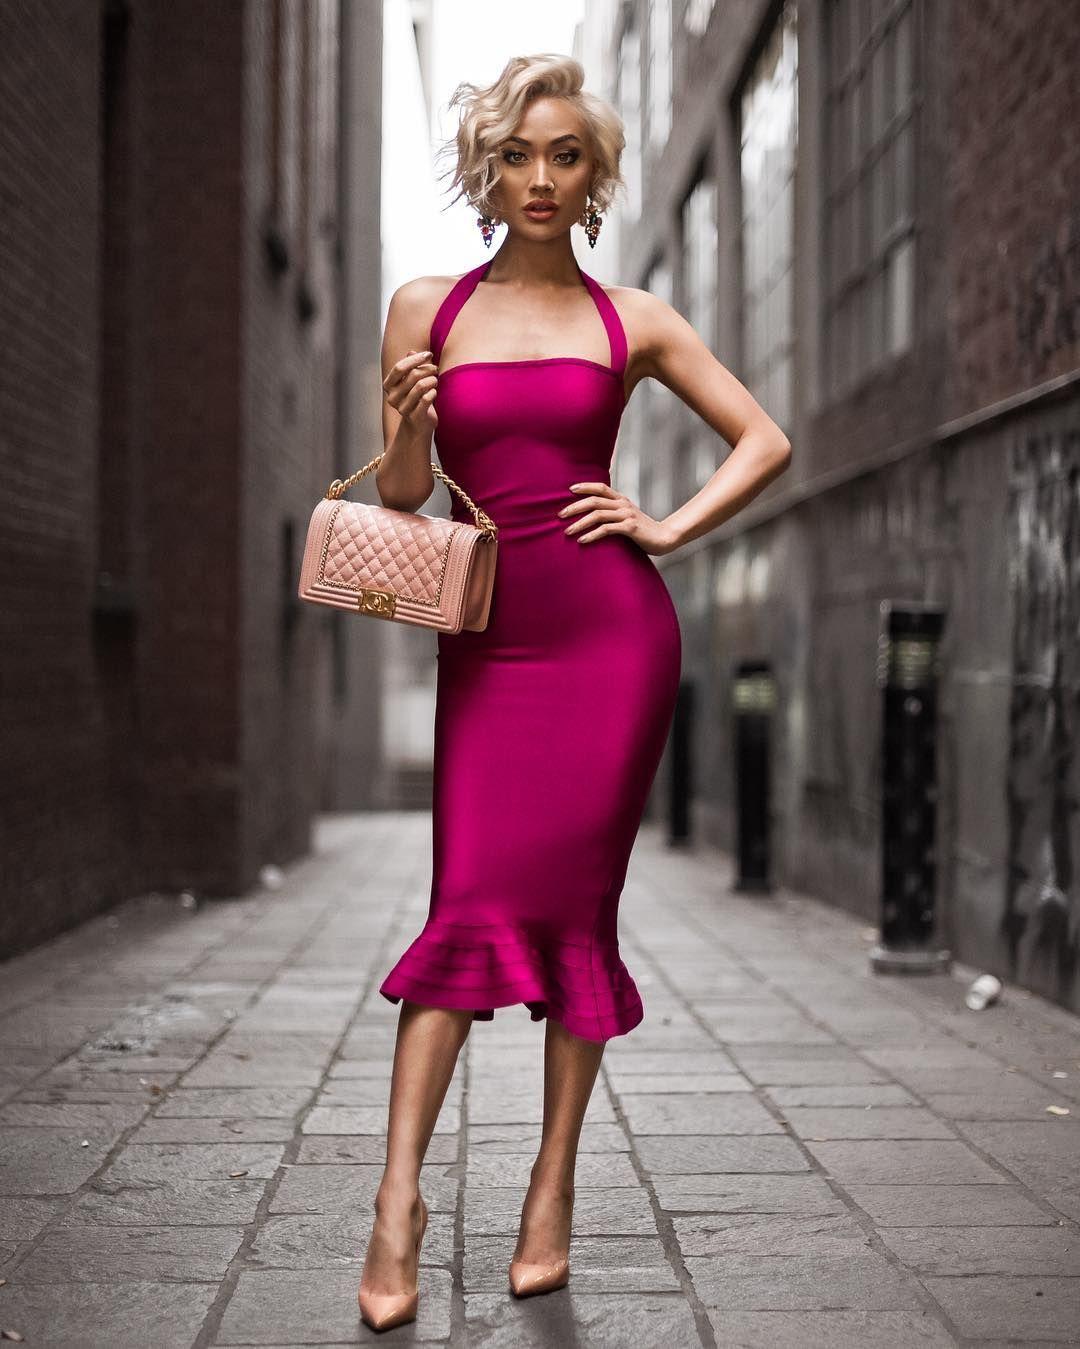 #SlickerThanYourAverage Fashion, Beauty + Lifestyle